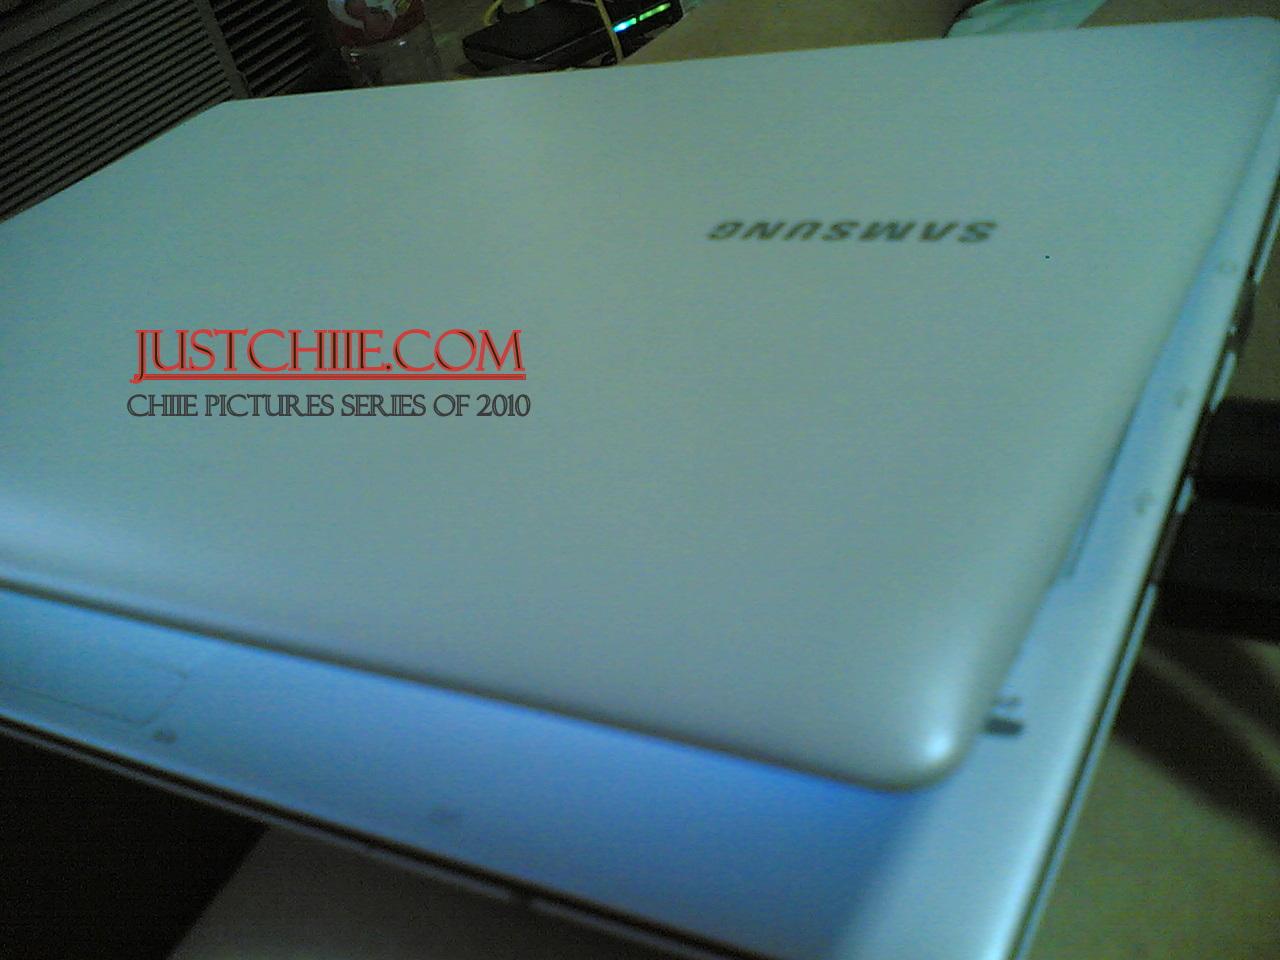 http://1.bp.blogspot.com/_dhqZWyAUzOQ/TDxXJKBqH-I/AAAAAAAAAO0/PXWLl2NWm5Q/s1600/2.jpg